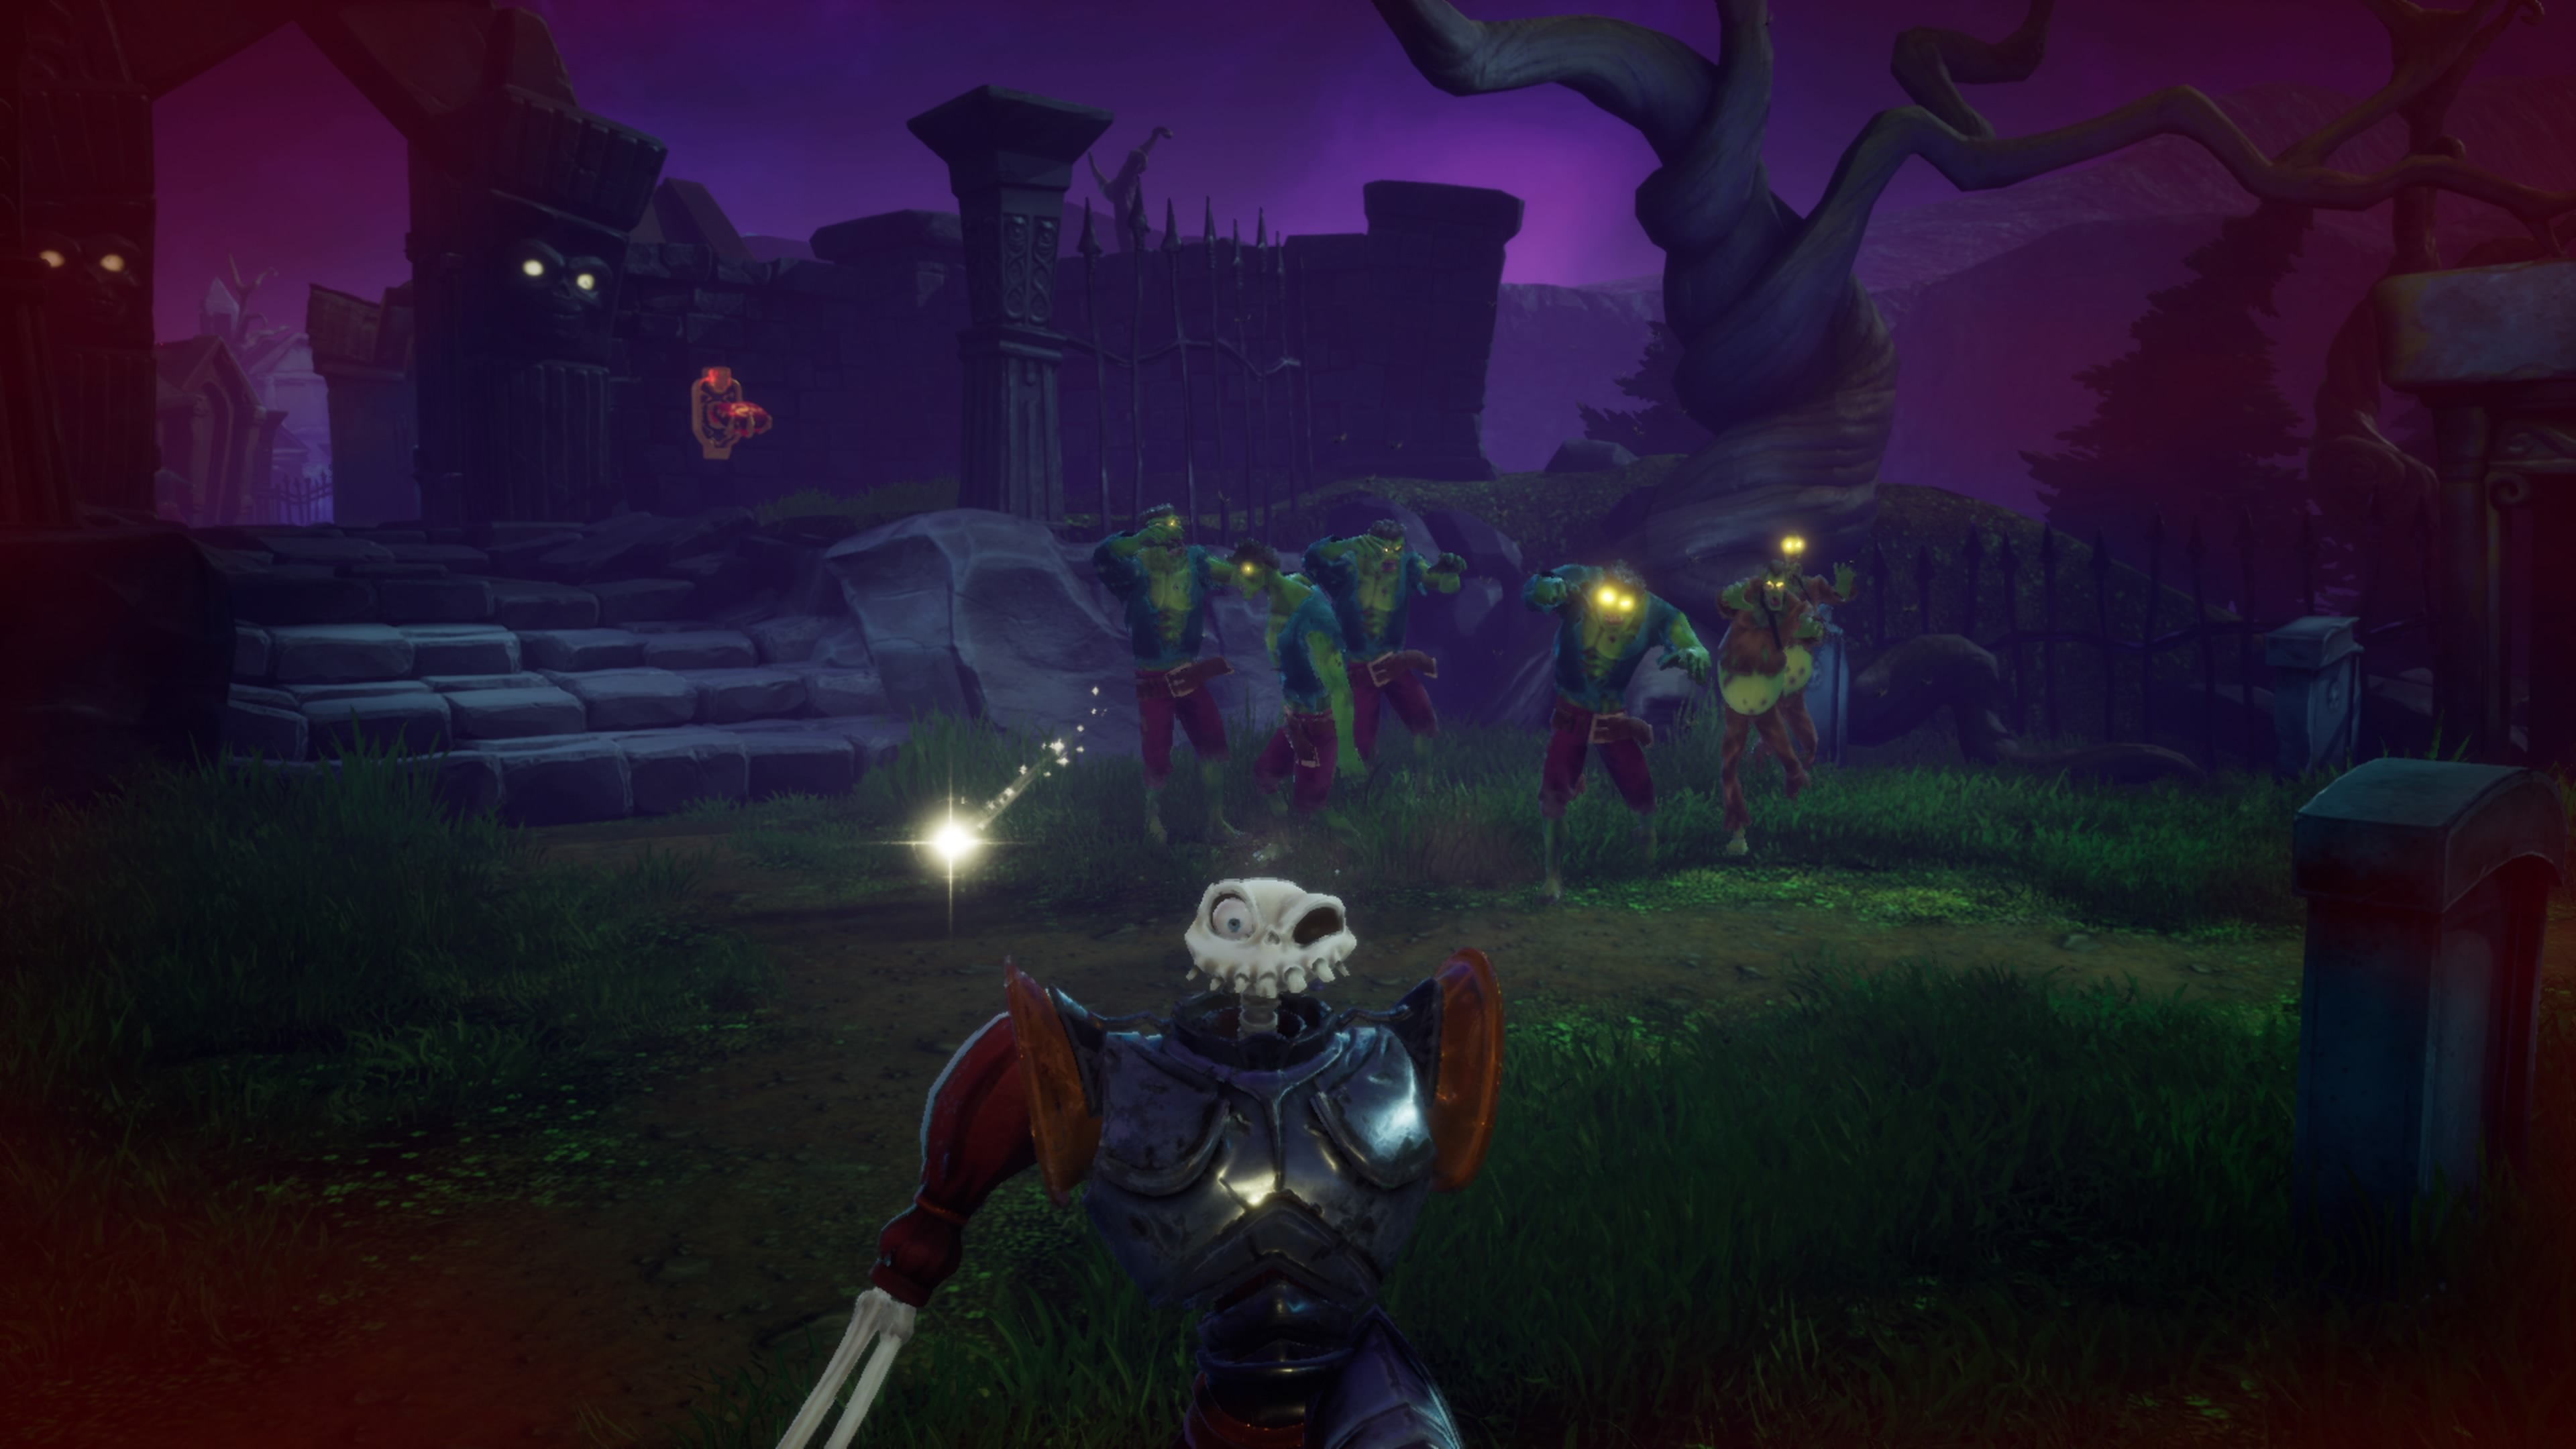 Battlefield Fantasy Graveyard Art